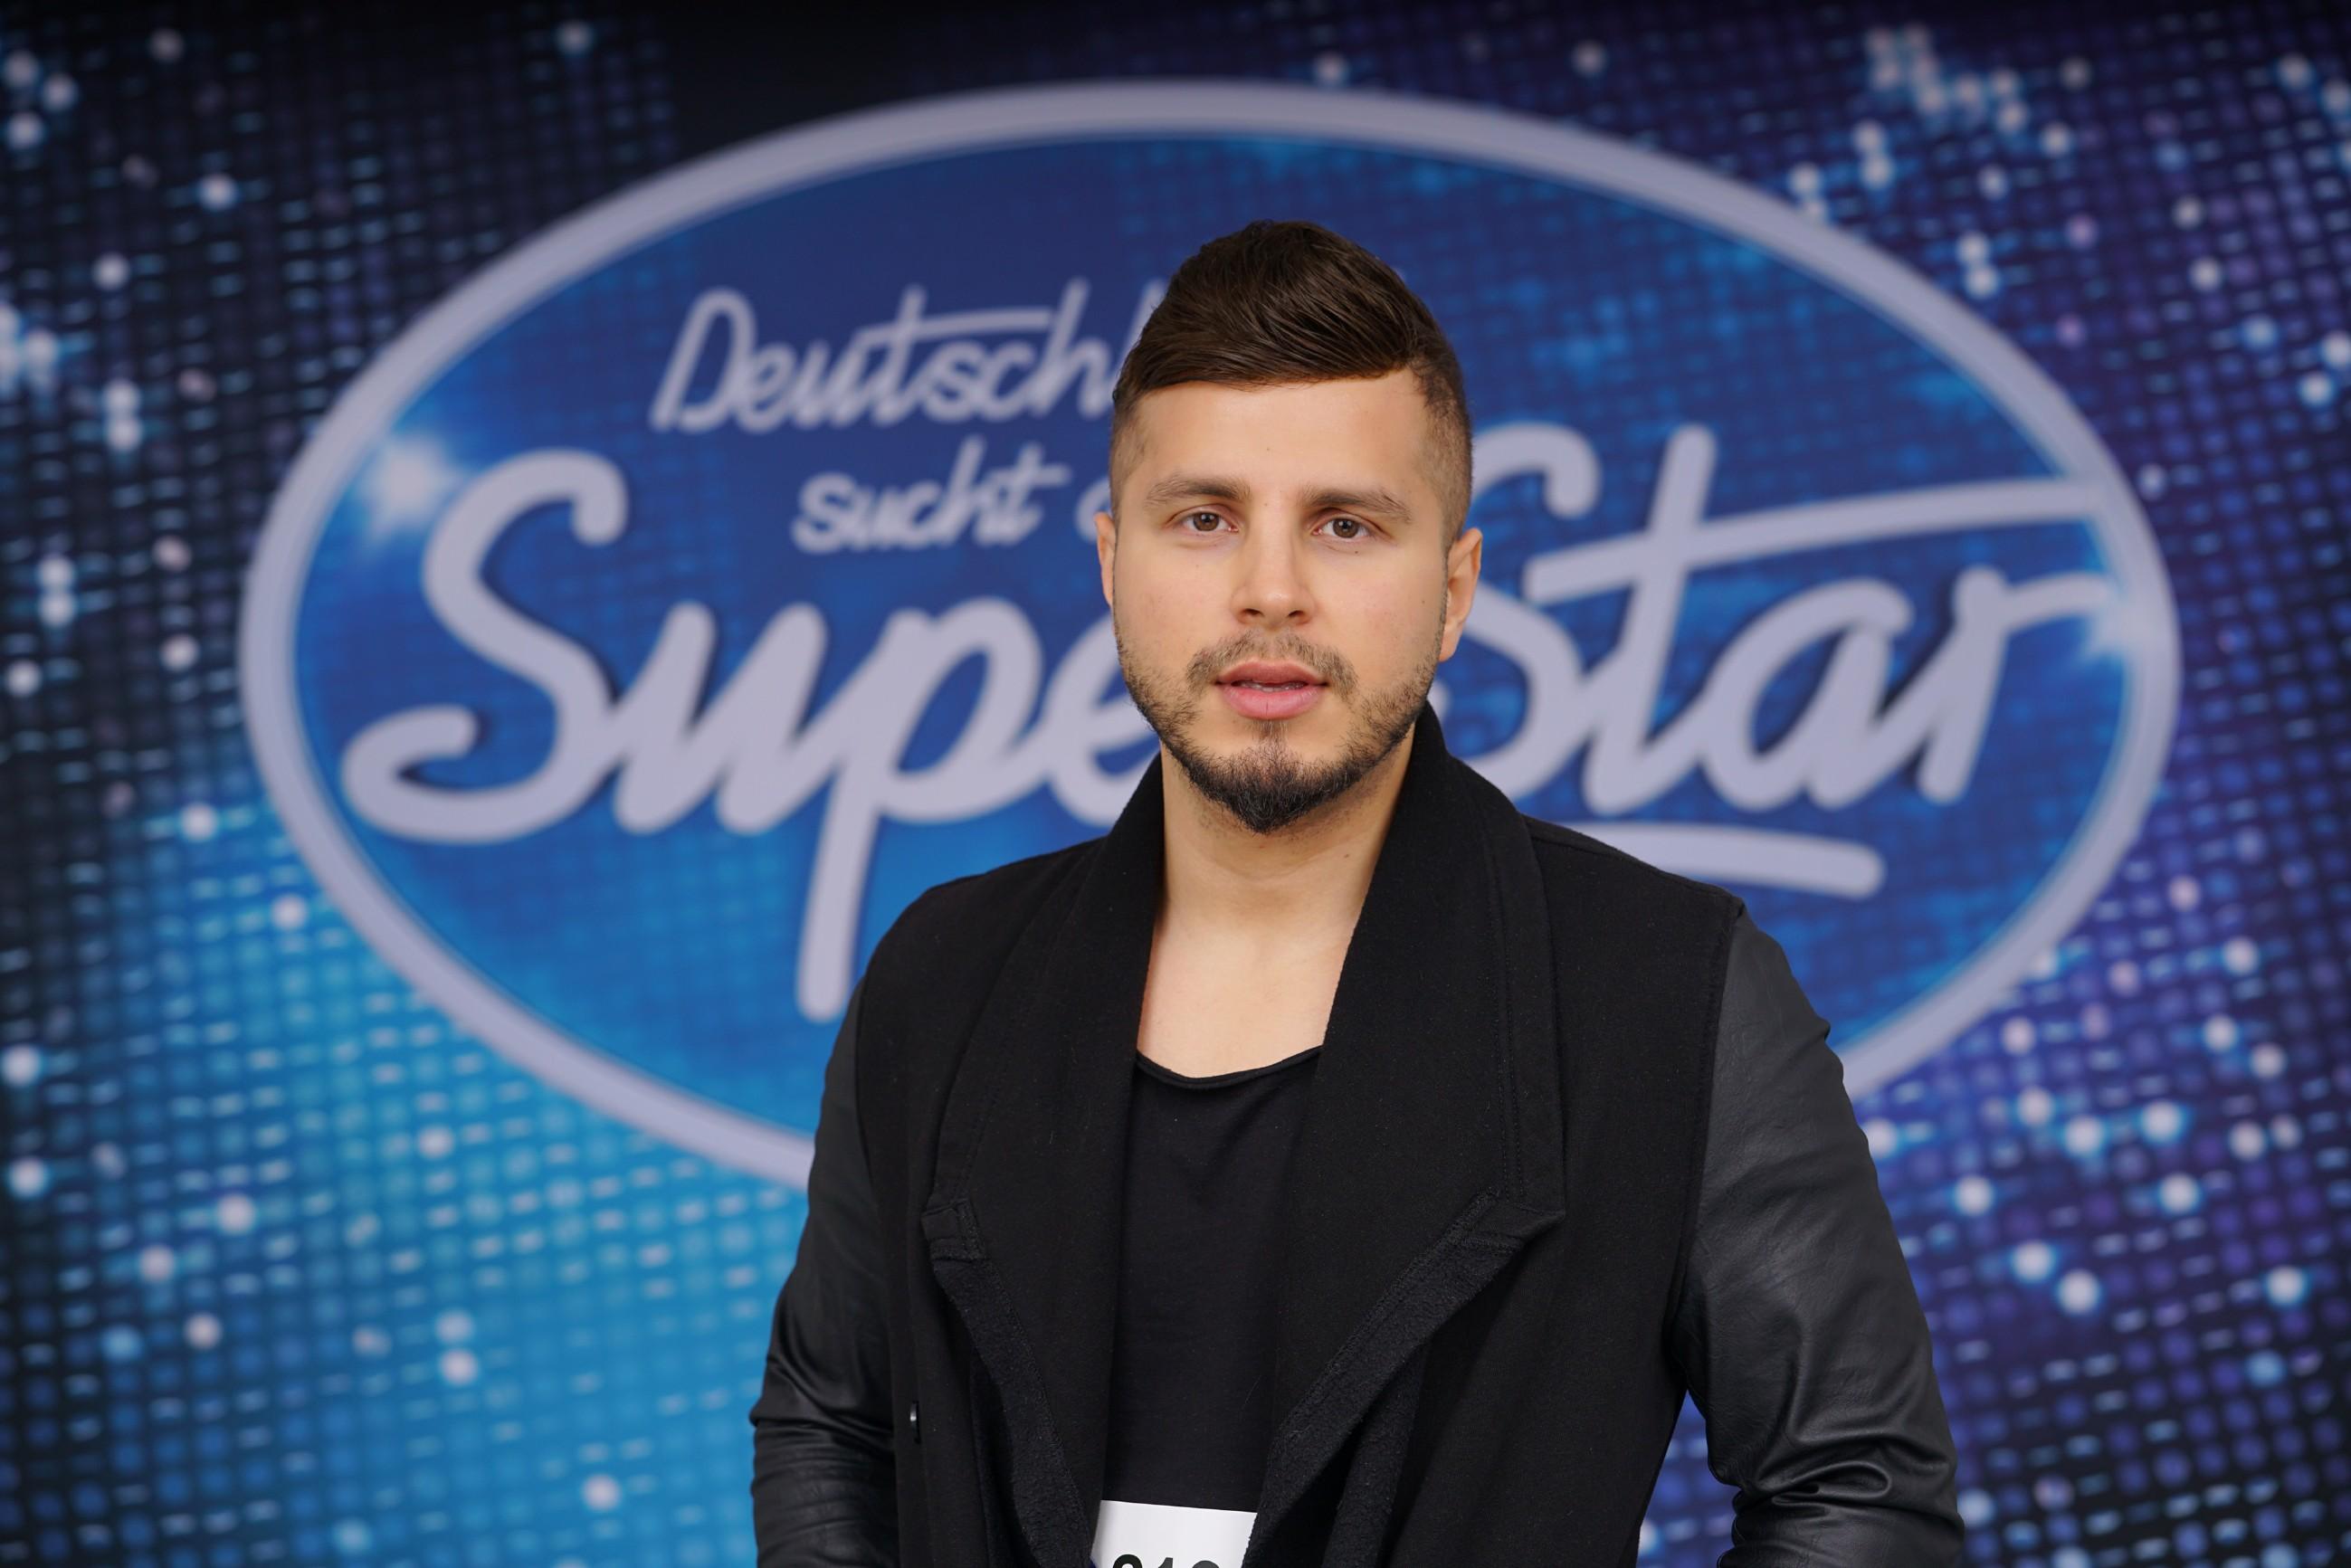 DSDS 2018 TOP 24 - Isa Martino